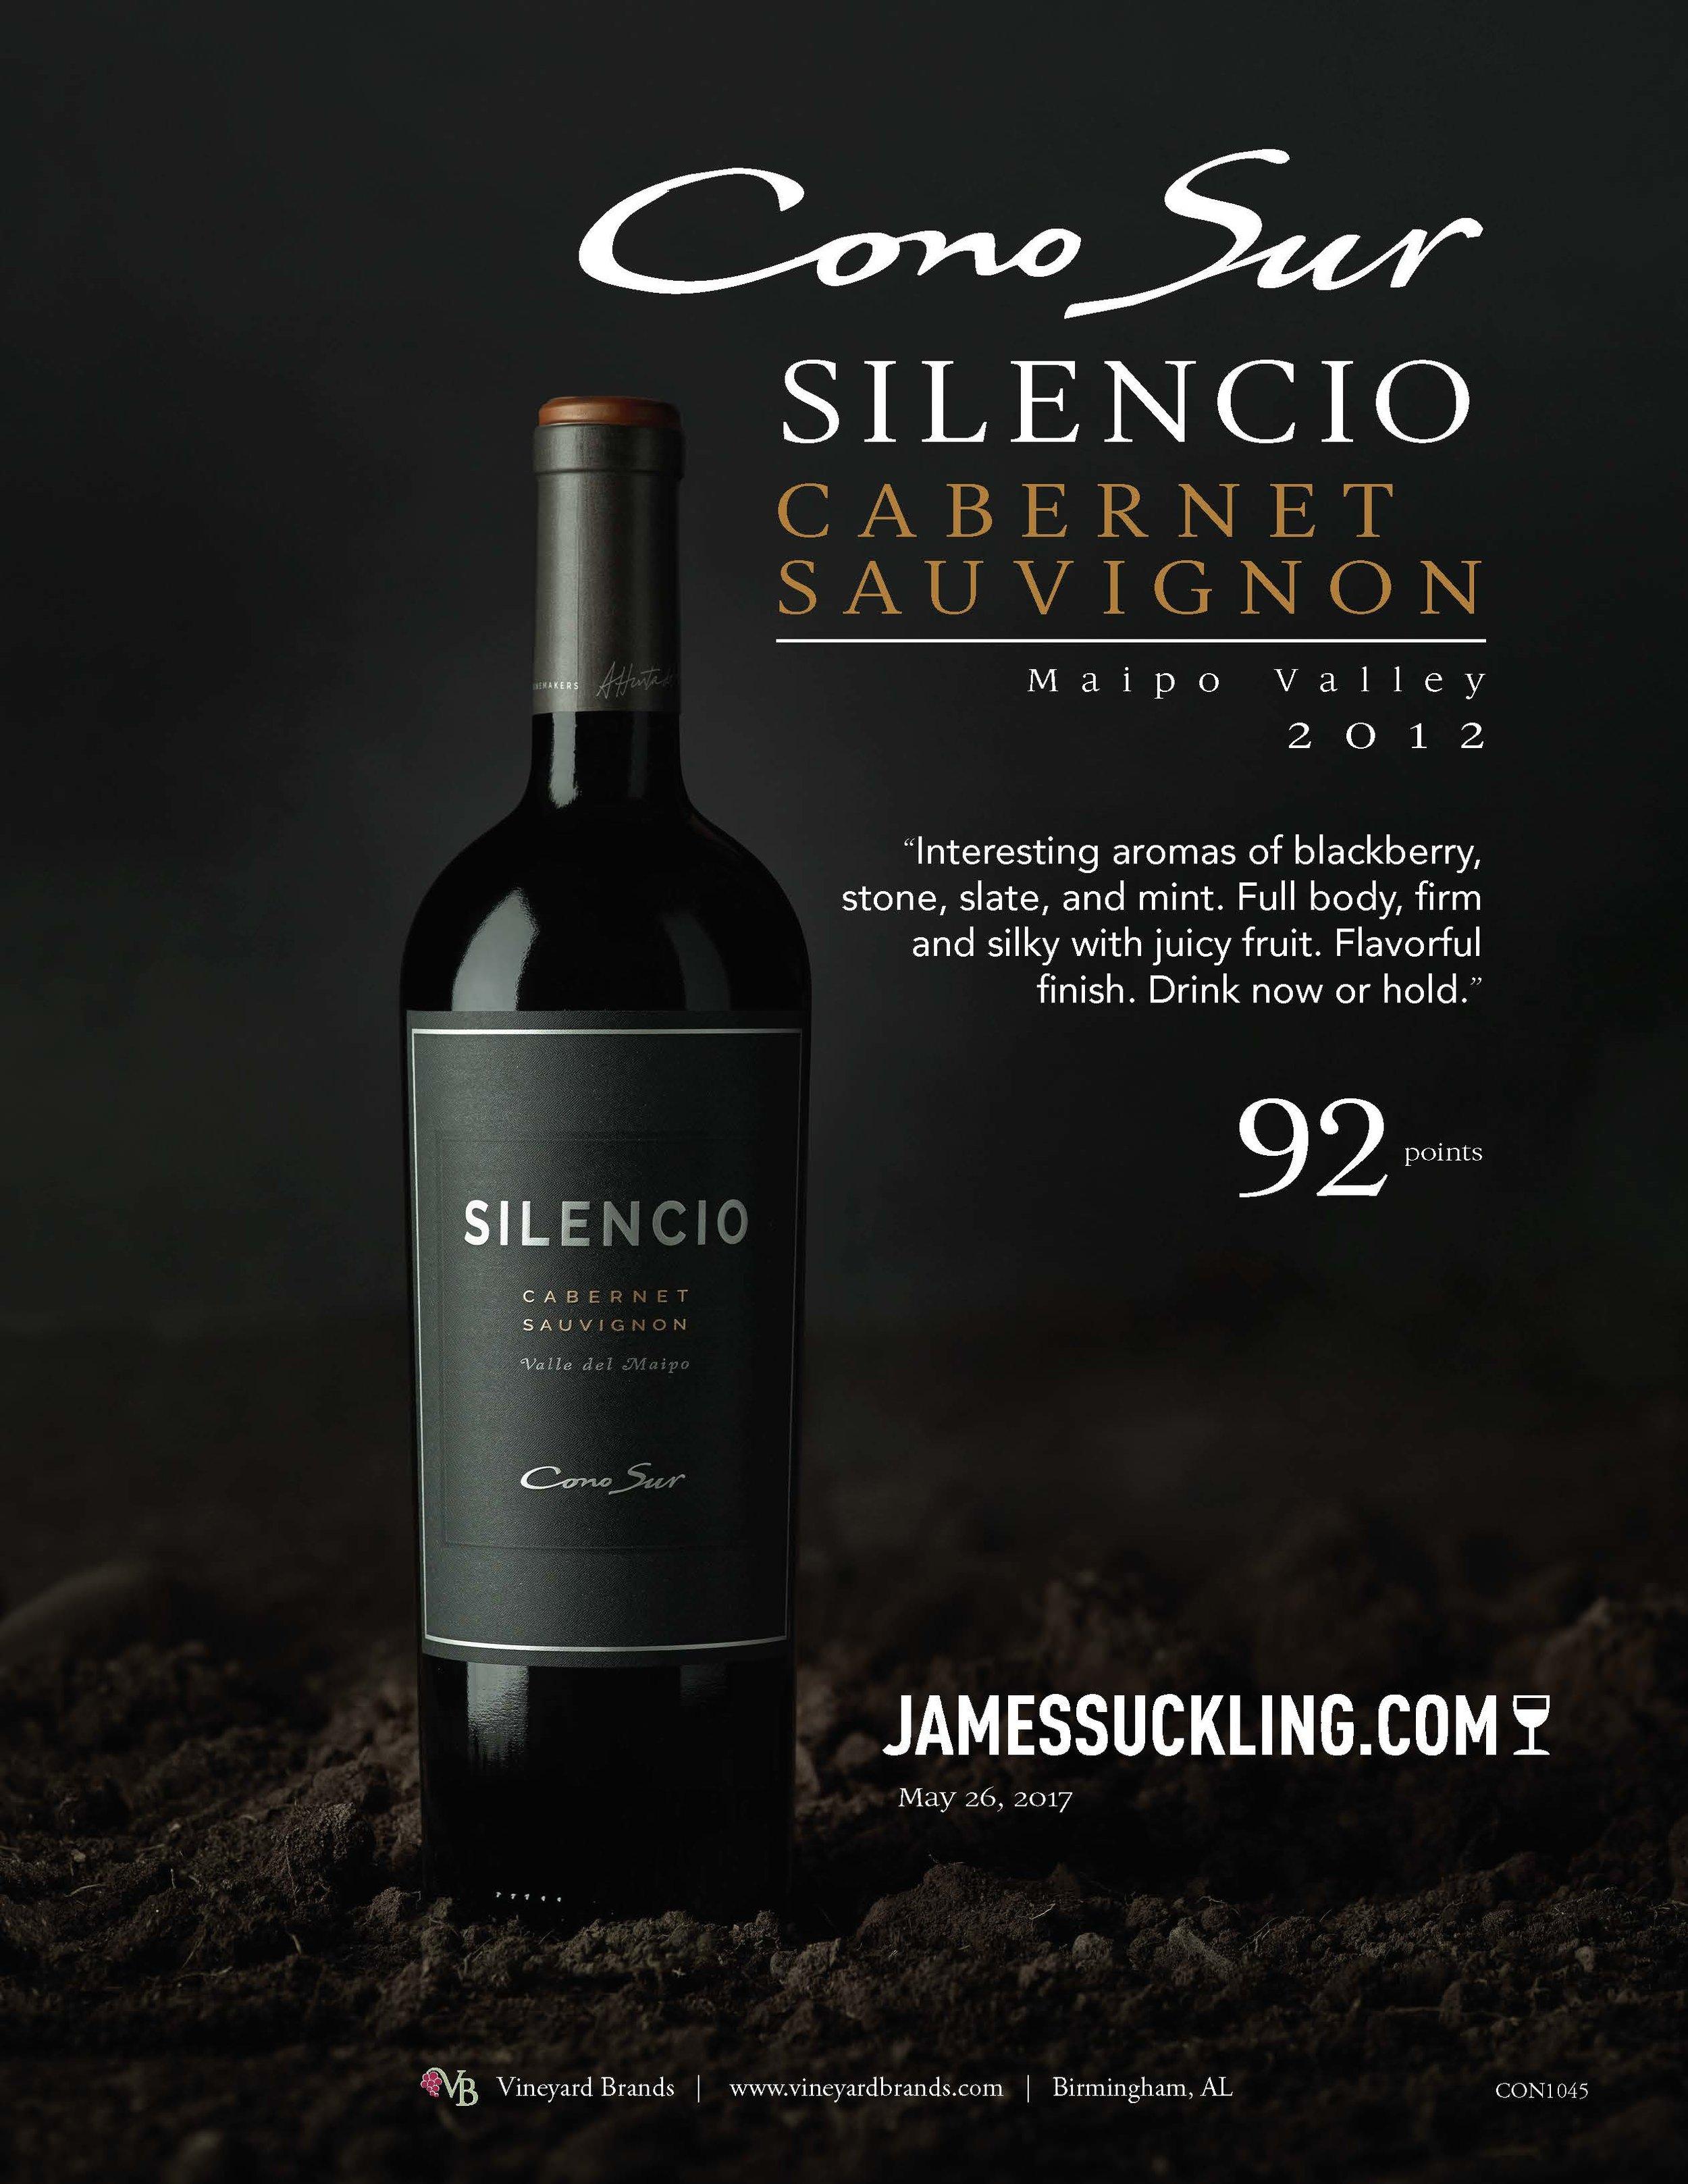 Cono Sur Silencio Cabernet Sauvignon 2012.jpg